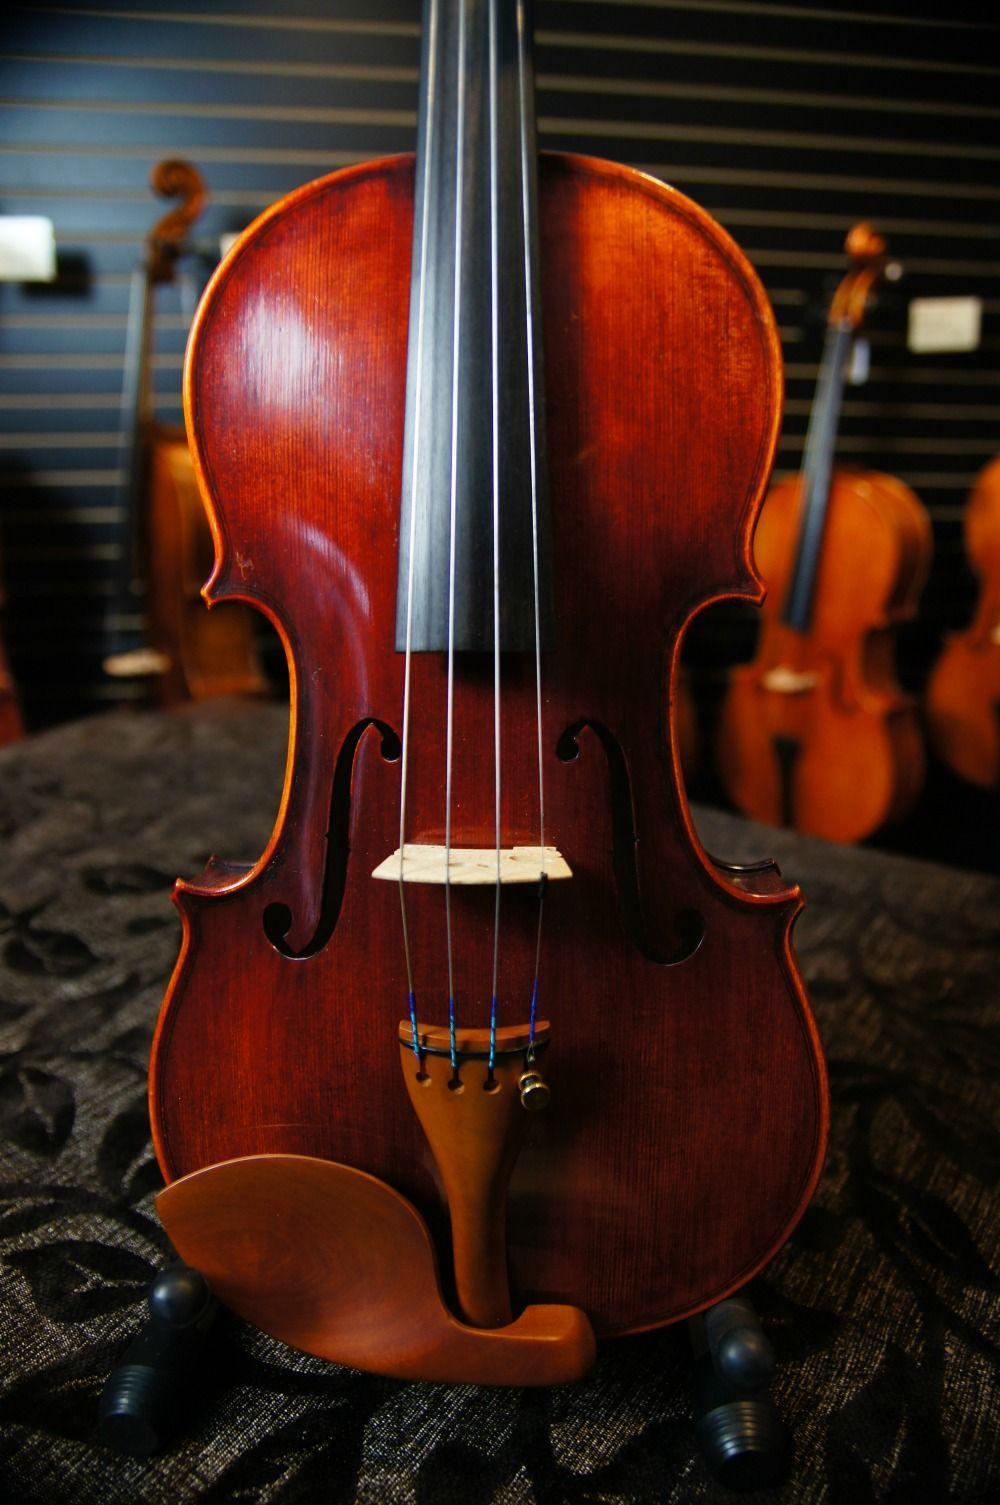 Eastman 405 Violin